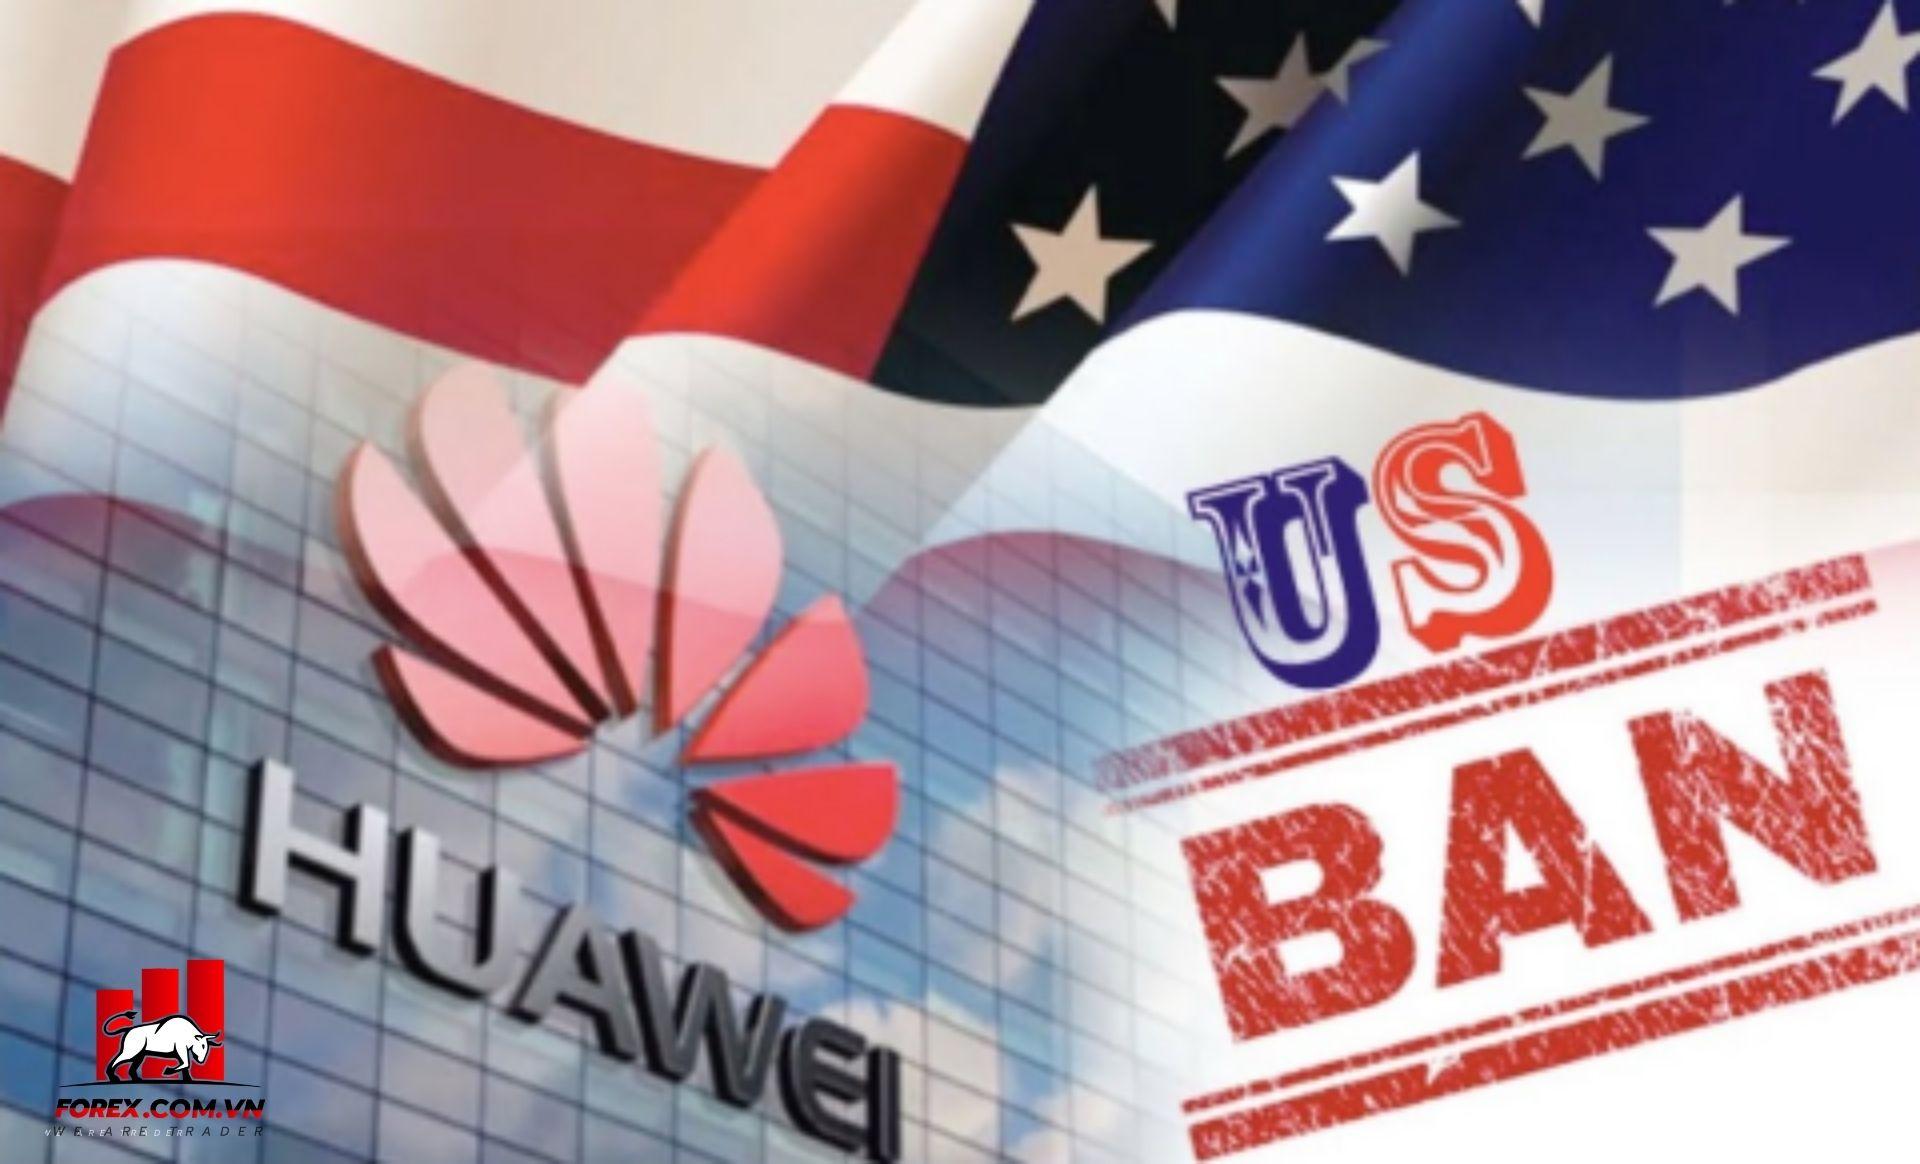 Tập đoàn Huawei bán Honor với nỗ lực duy trì thương hiệu điện thoại giá rẻ này sống sót